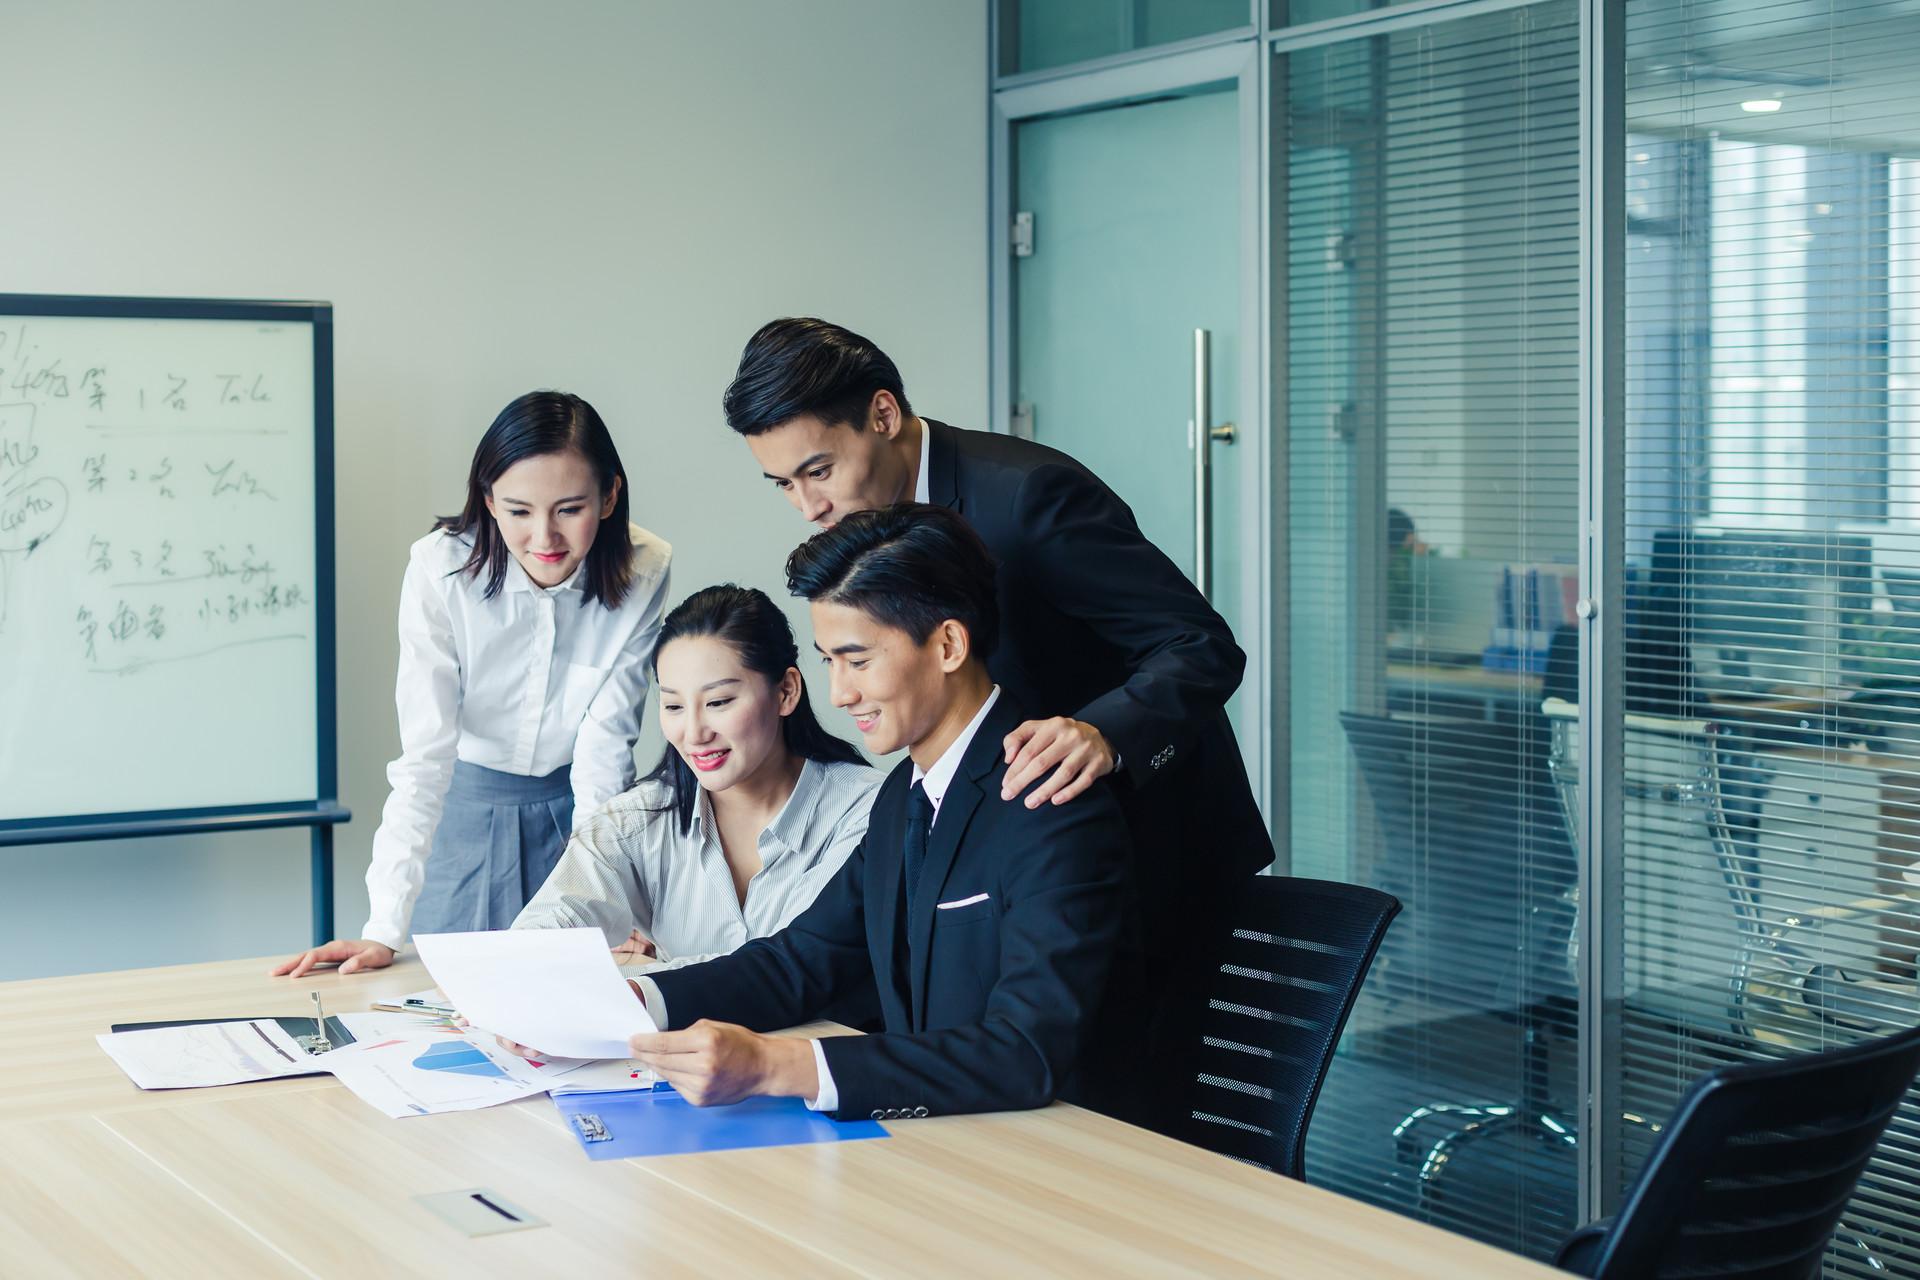 成都社保代理企业教你查询保费的常用方法,学起来吧